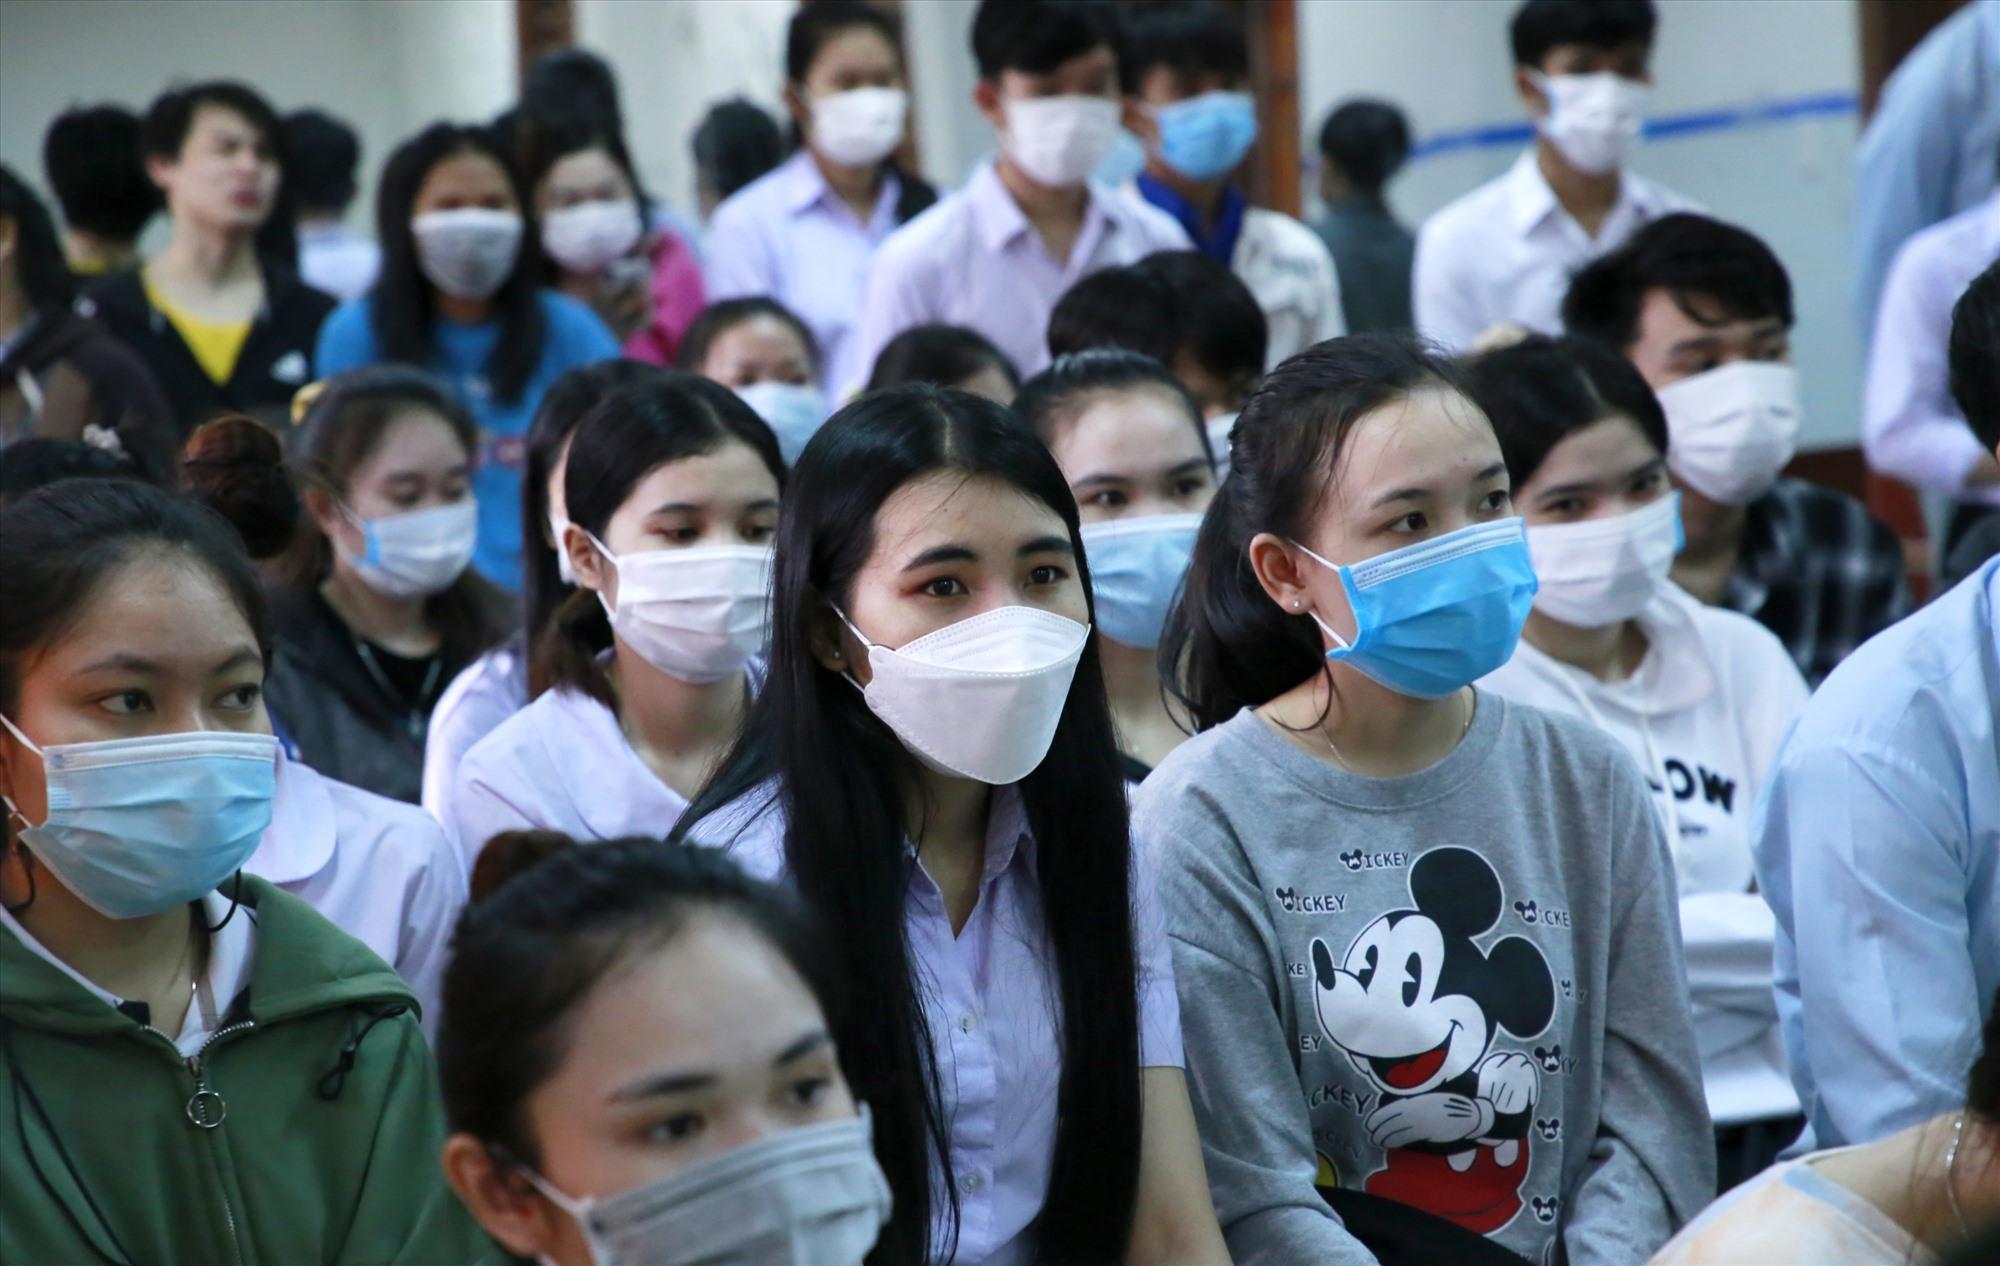 Hiện trường Đại học Quảng Nam có gần 130 sinh viên Lào đang theo học. Ảnh: T.C